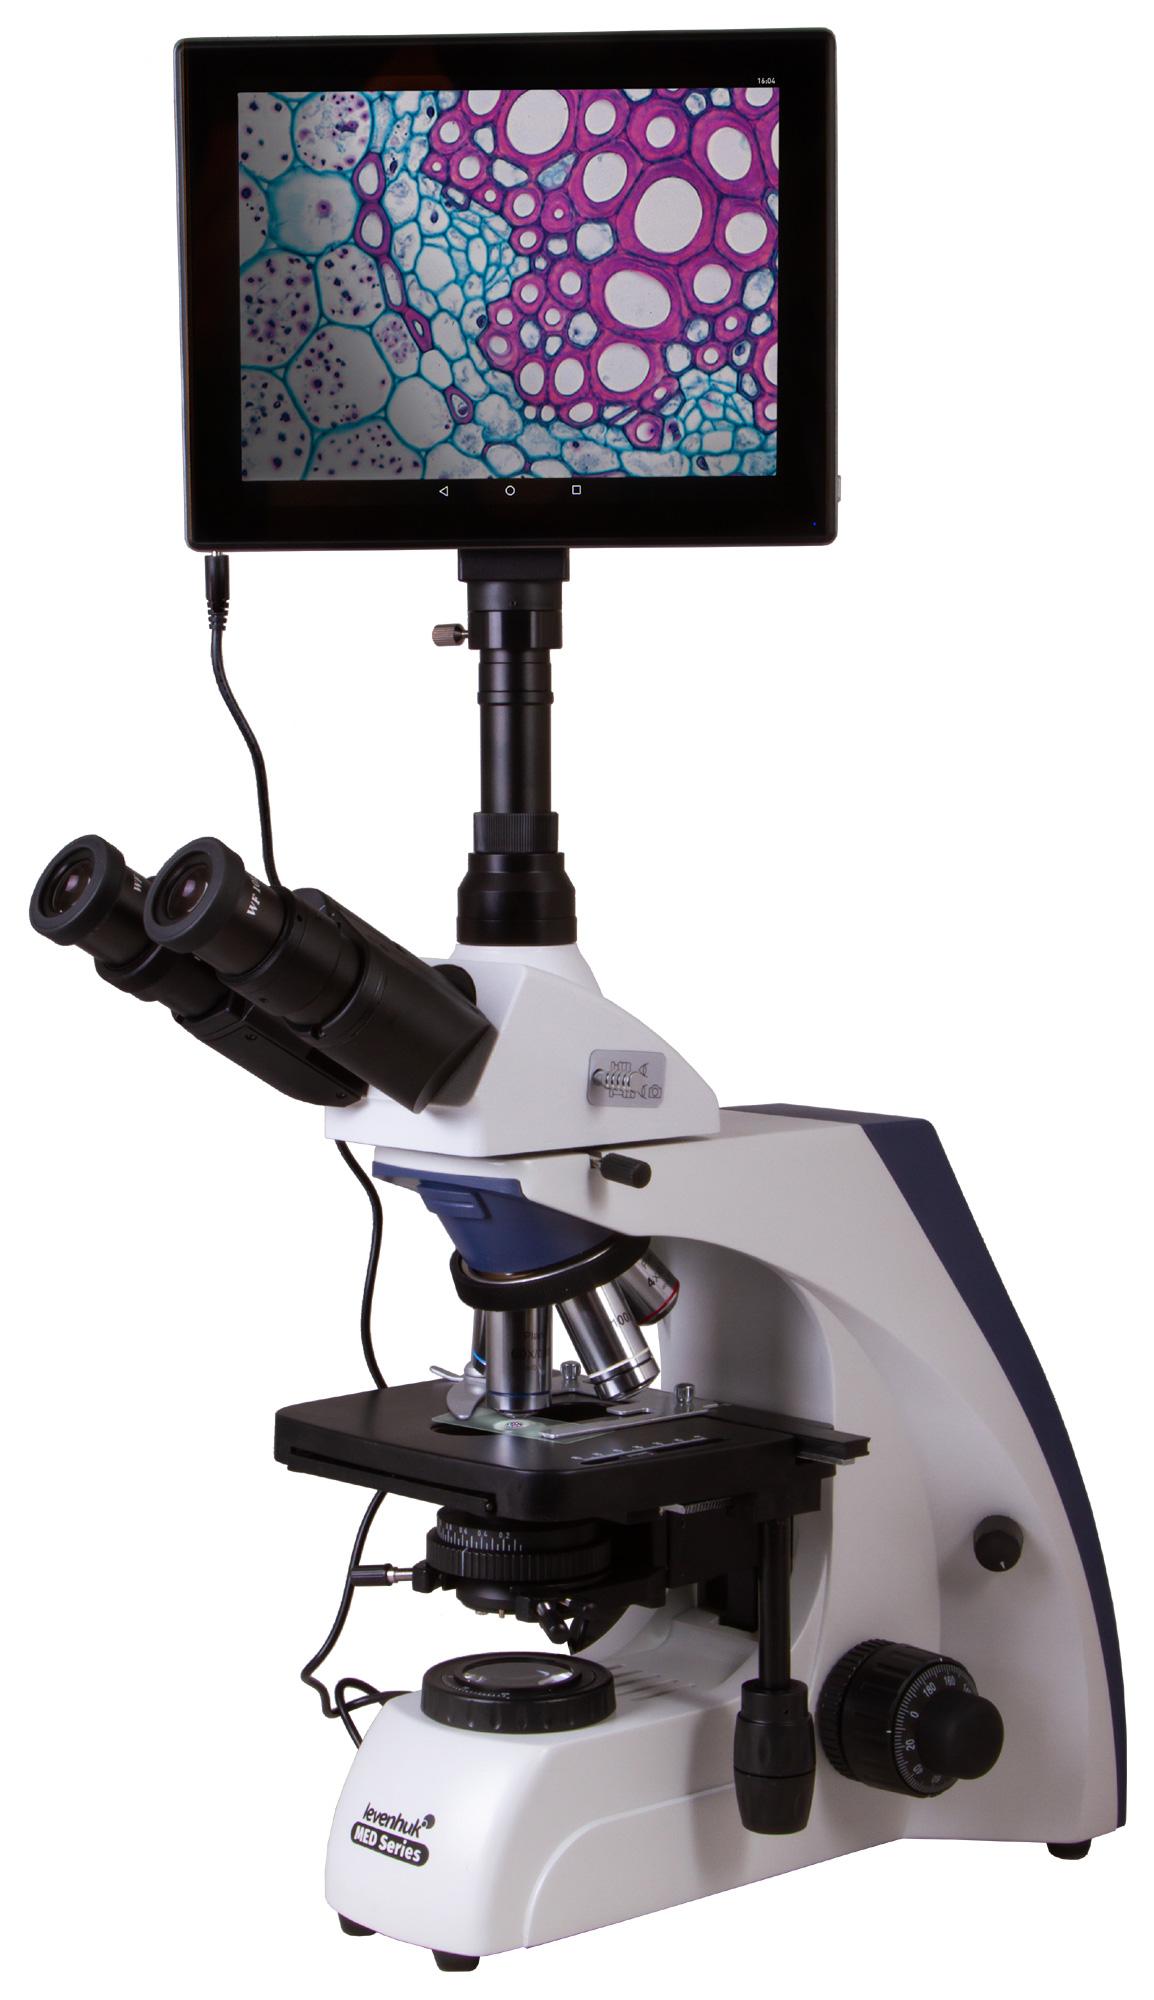 Картинка для Микроскоп цифровой Levenhuk (Левенгук) MED D35T LCD, тринокулярный